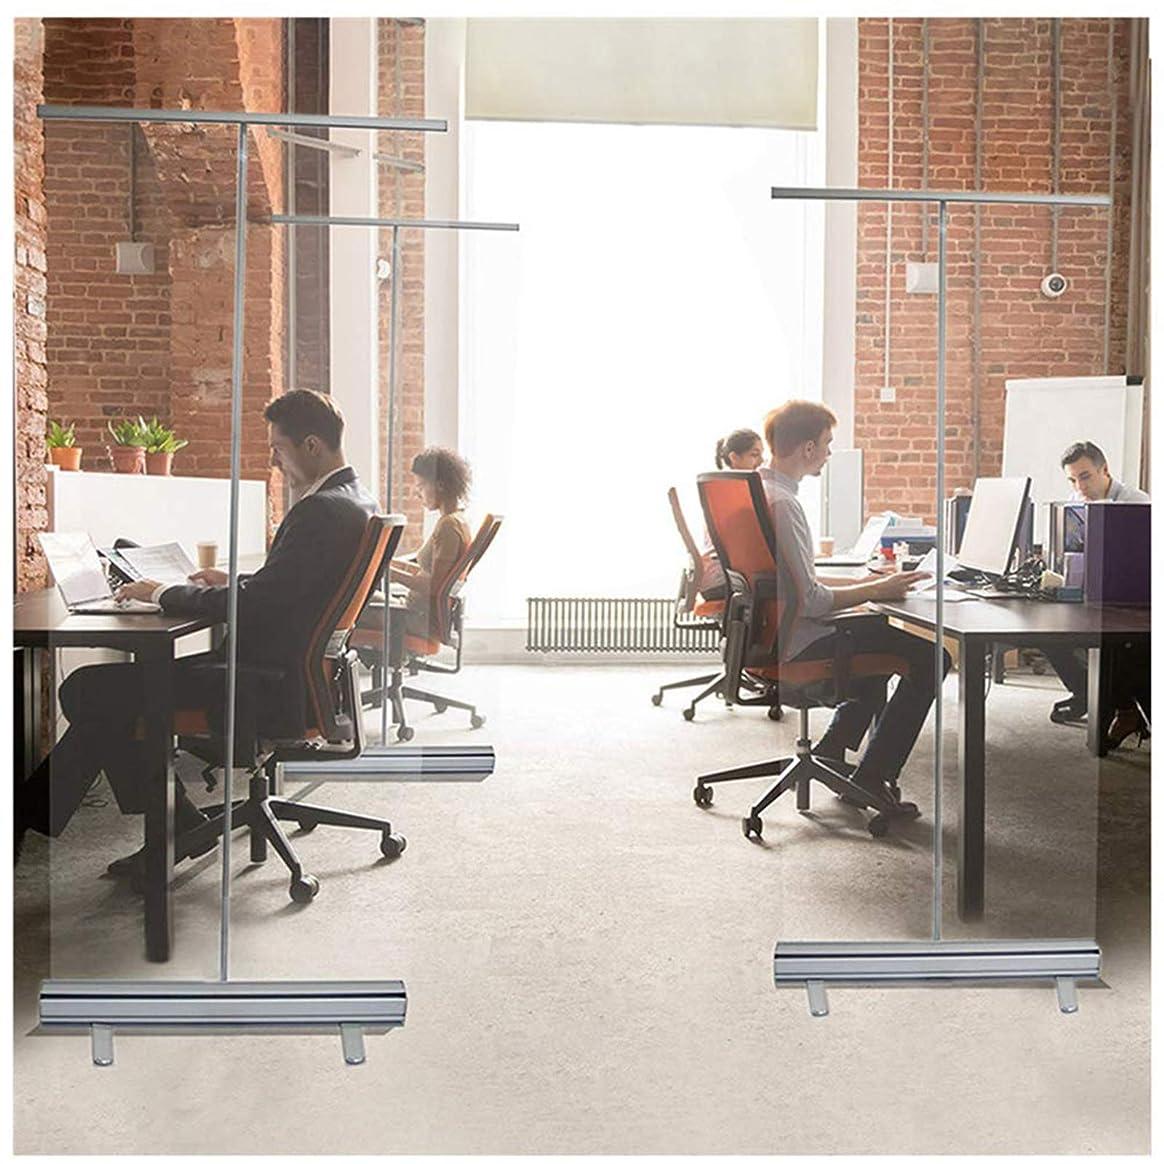 徴収タンパク質のヒープおおきい 床置き 教室の仕切り,60x160cm/100x200cmポータブル透明ローラーシャッターパーティション,オフィス、企業、商業および薬局のための保護スクリーンのアクリル板 に適しています。